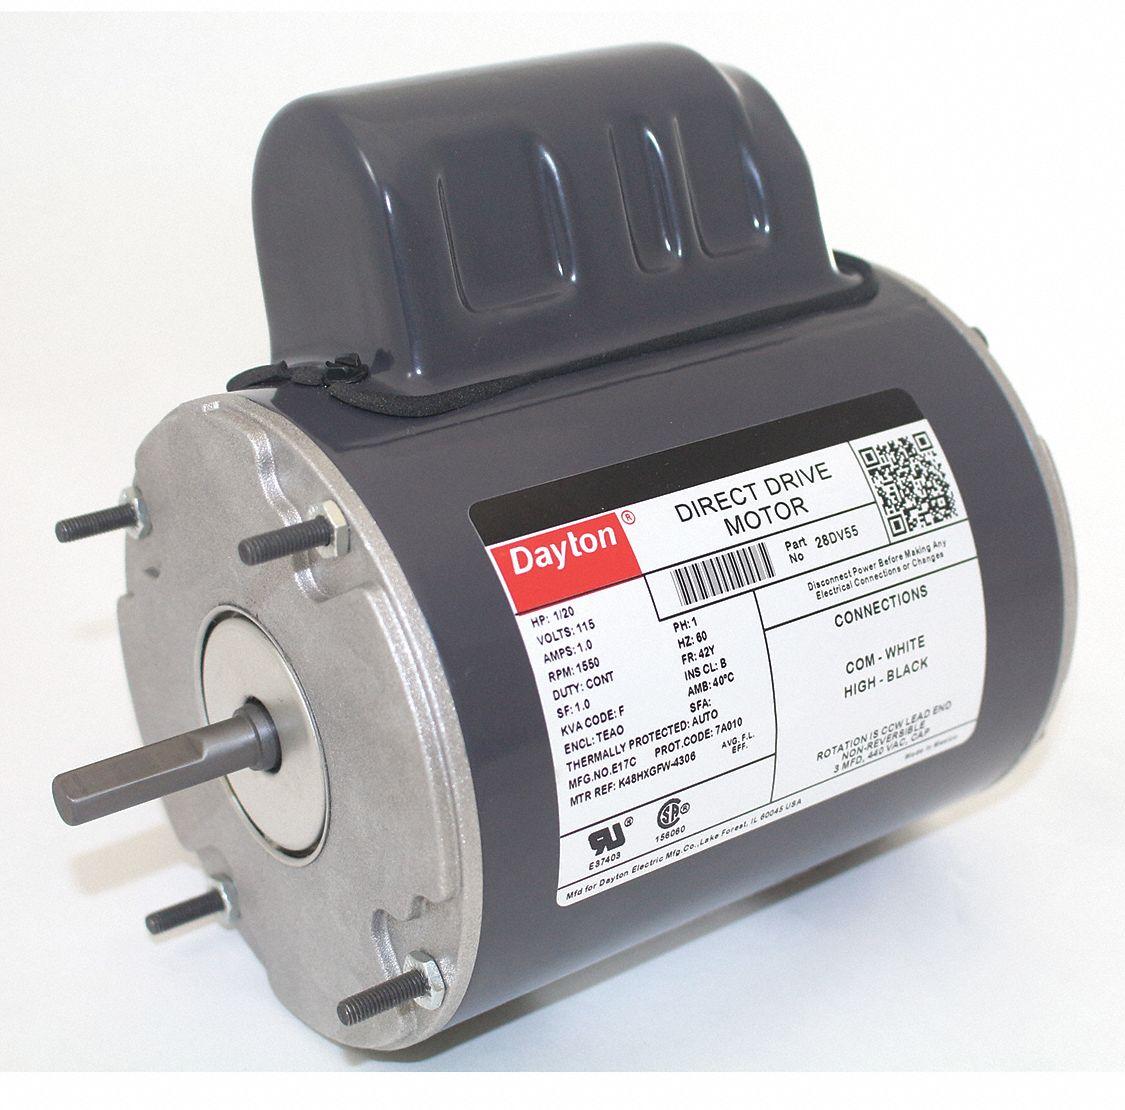 Dayton motor 28dv55 28dv55 grainger for Dayton gear motor catalog